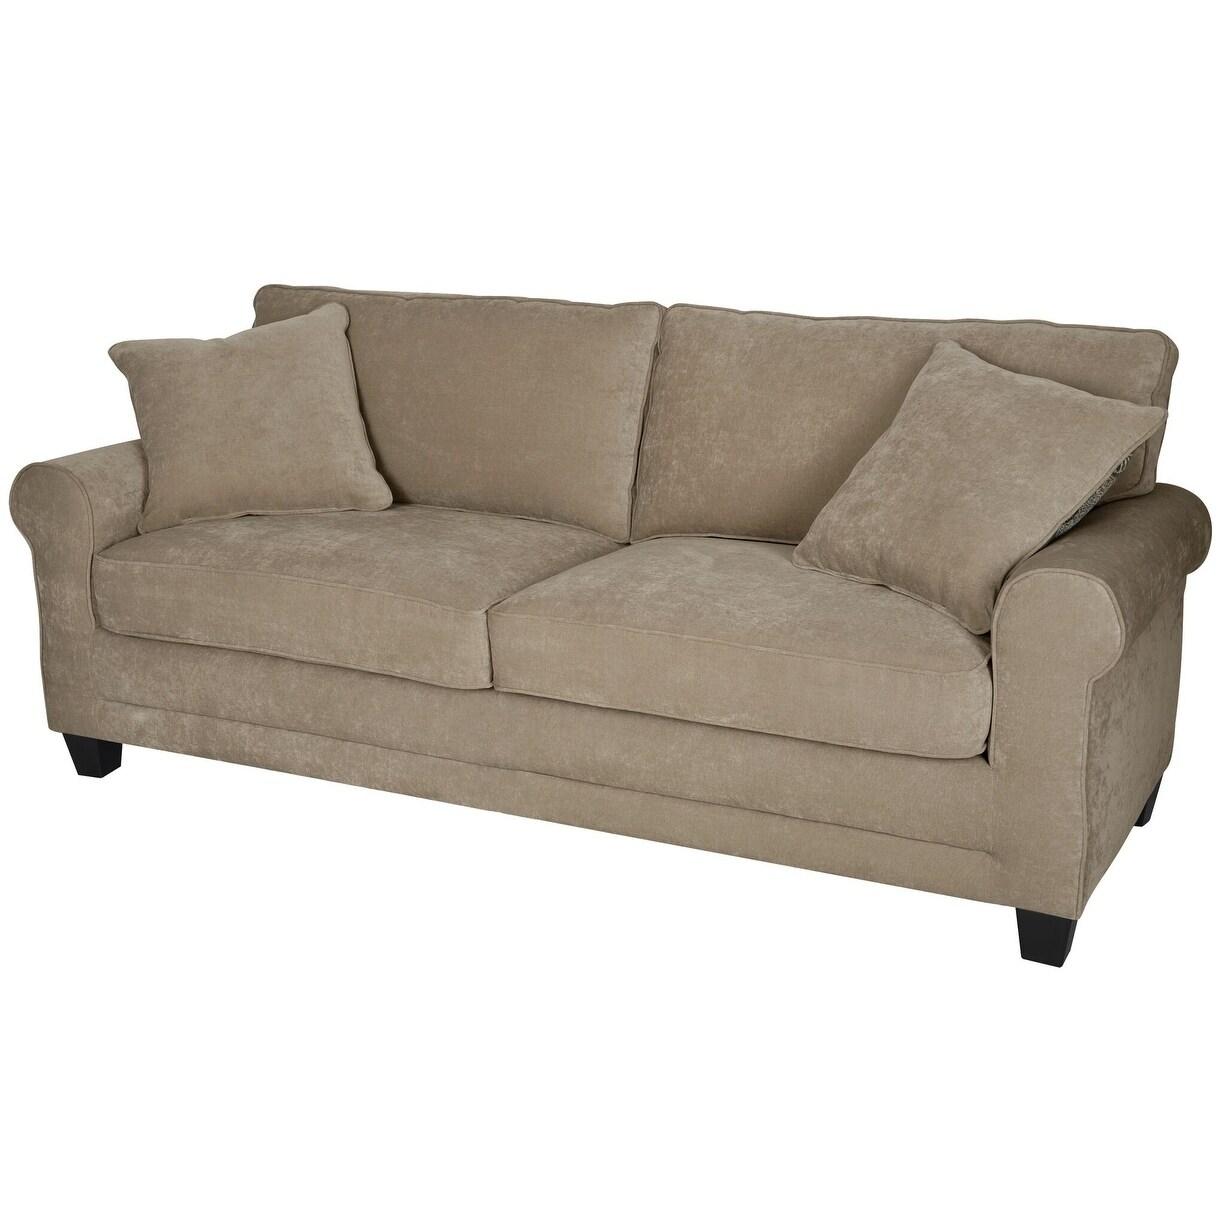 Serta Copenhagen 78 Inch Sofa